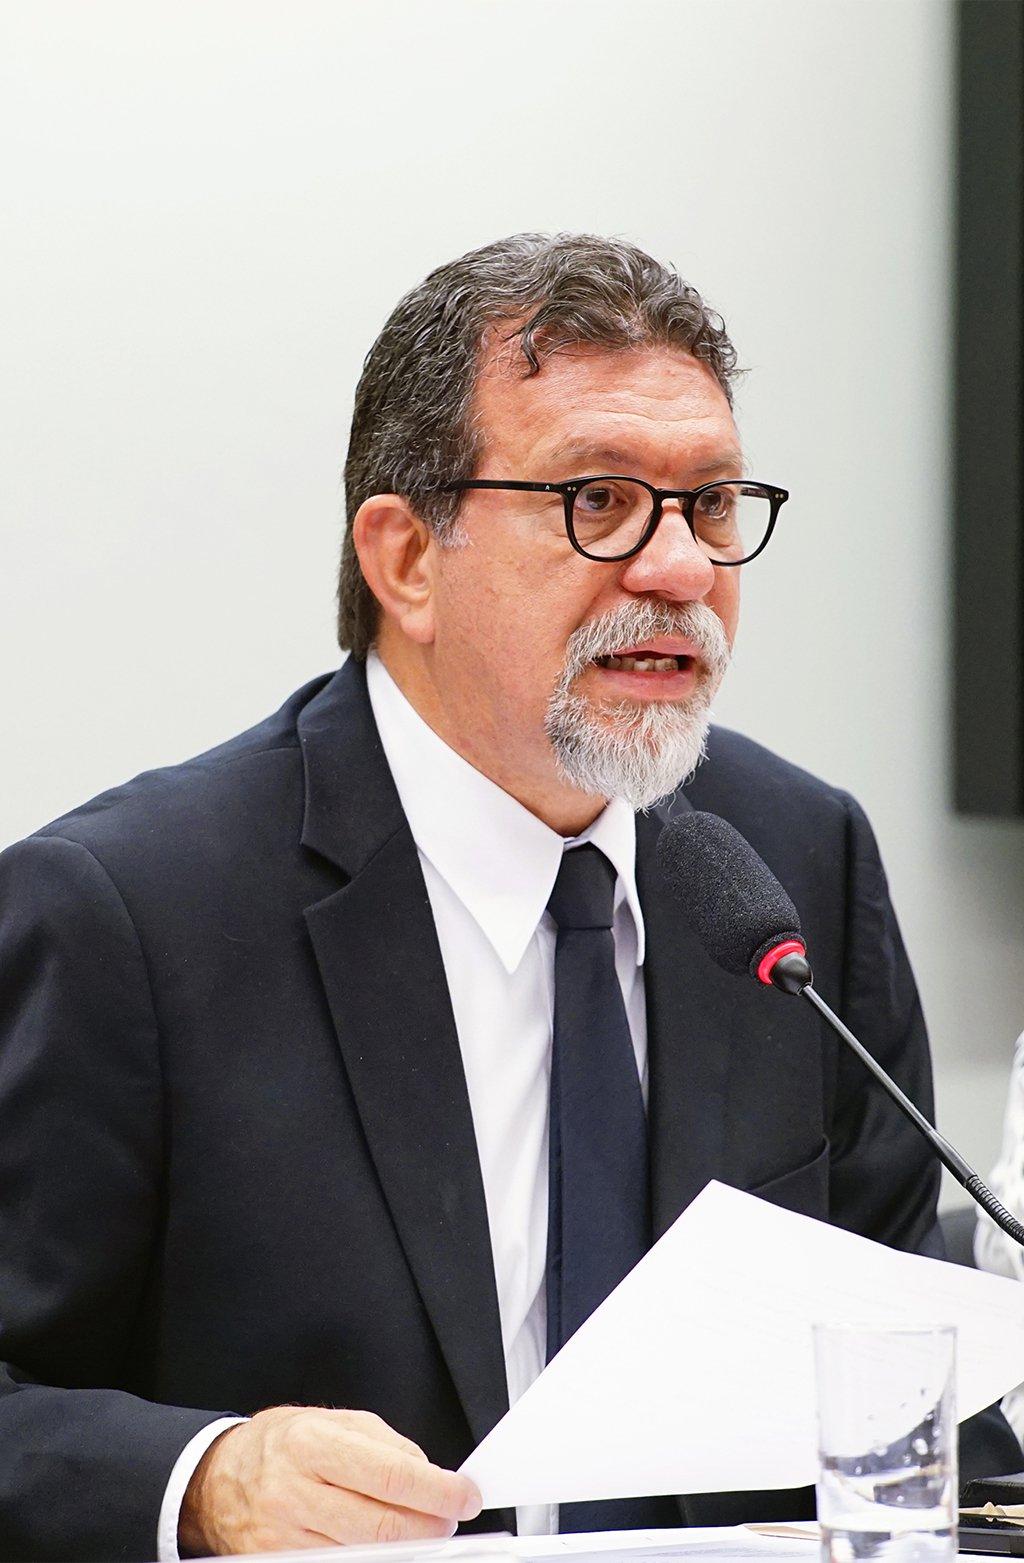 """O deputado federal Afonso Florence (PT-BA) afirmou que qualquer decisão judicial que venha a impedir o ex-presidente Lula de disputar a eleição presidencial de outubro caracterizará um momento de exceção na vida política brasileira; segundo ele, """"impedir a candidatura de Lula é fraude eleitoral, é adotar no Brasil um regime de exceção""""; """"Em momento algum do processo contra Lula, ficou provado que o apartamento lhe pertence ou que ele tenha recebido o imóvel como vantagem indevida"""", frisou"""